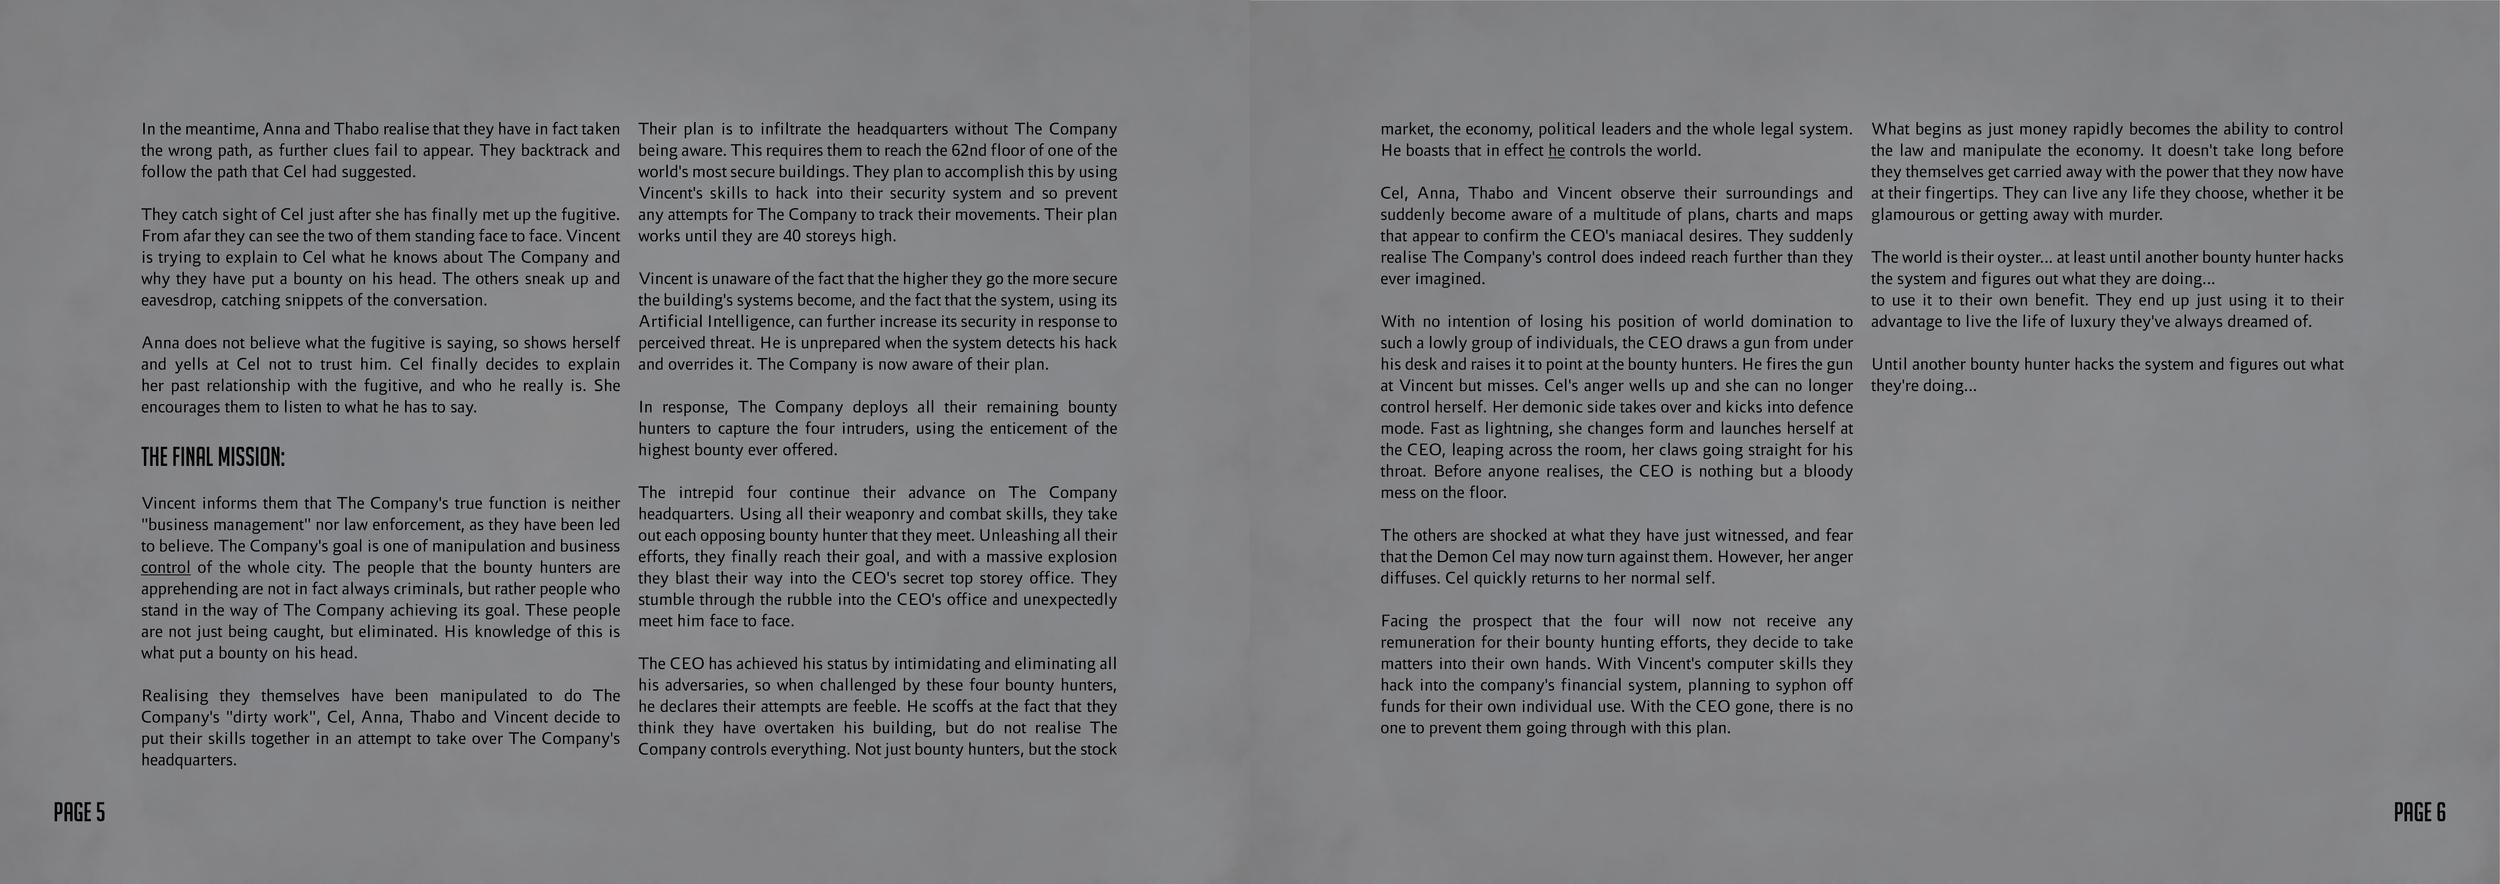 book-final4.jpg